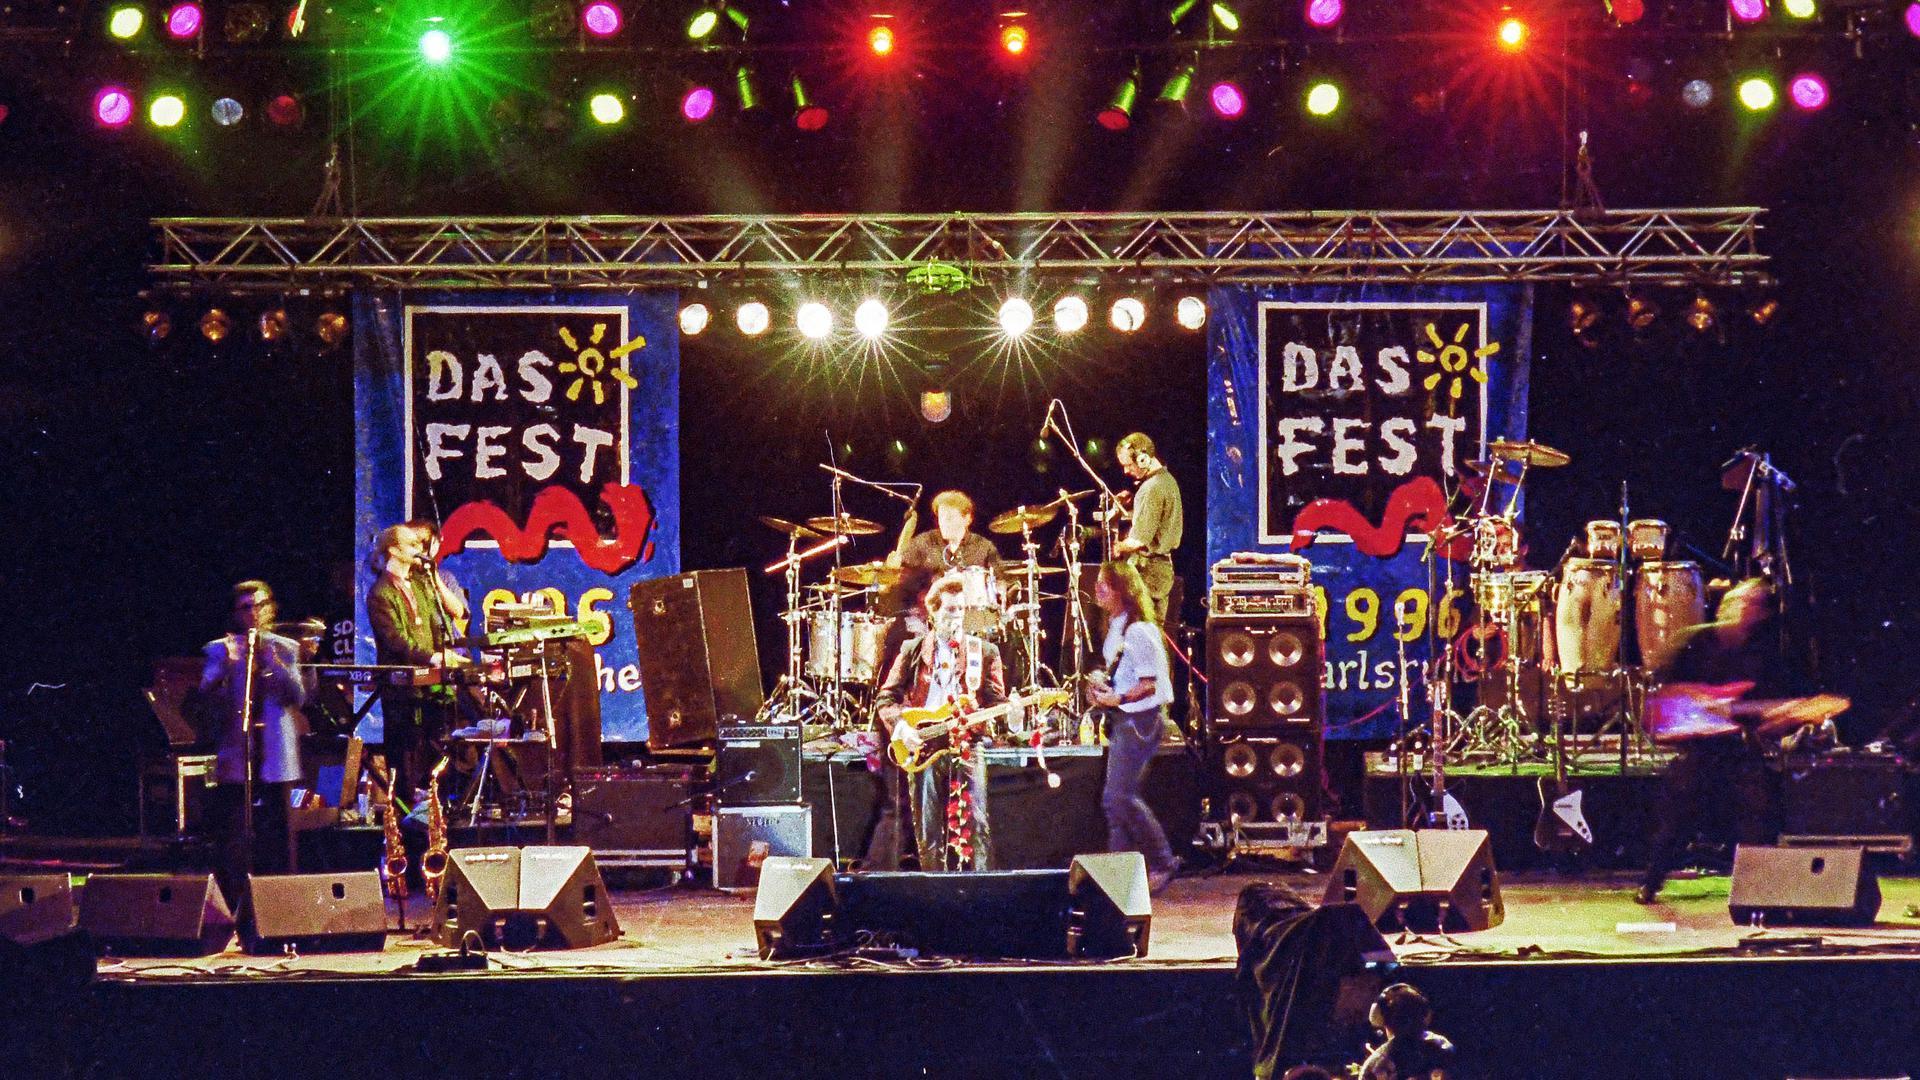 ©ARTIS-Uli Deck// 20.07.1996 Das Fest 1996 in der Karlsruher Günther-Klotz-Anlage, Auftritt von Willy de Ville -Copyright -ARTIS-ULI DECK Werrabronner Strasse 19  D-76229 KARLSRUHE TEL:  0049 (0) 721-84 38 77  FAX:  0049 (0) 721 84 38 93   Mobil: 0049 (0) 172 7292636 E-Mail:  deck@artis-foto.de www.artis-foto.de Veroeffentlichung nur gegen Honorar nach MFM zzgl. gesetzlicher. Mehrwertsteuer, kostenfreies Belegexemplar und Namensnennung: ARTIS-Uli Deck.  Es gelten meine AGB., abzurufen unter :    http://artis-foto.de/agb01_2008_DE.pdf